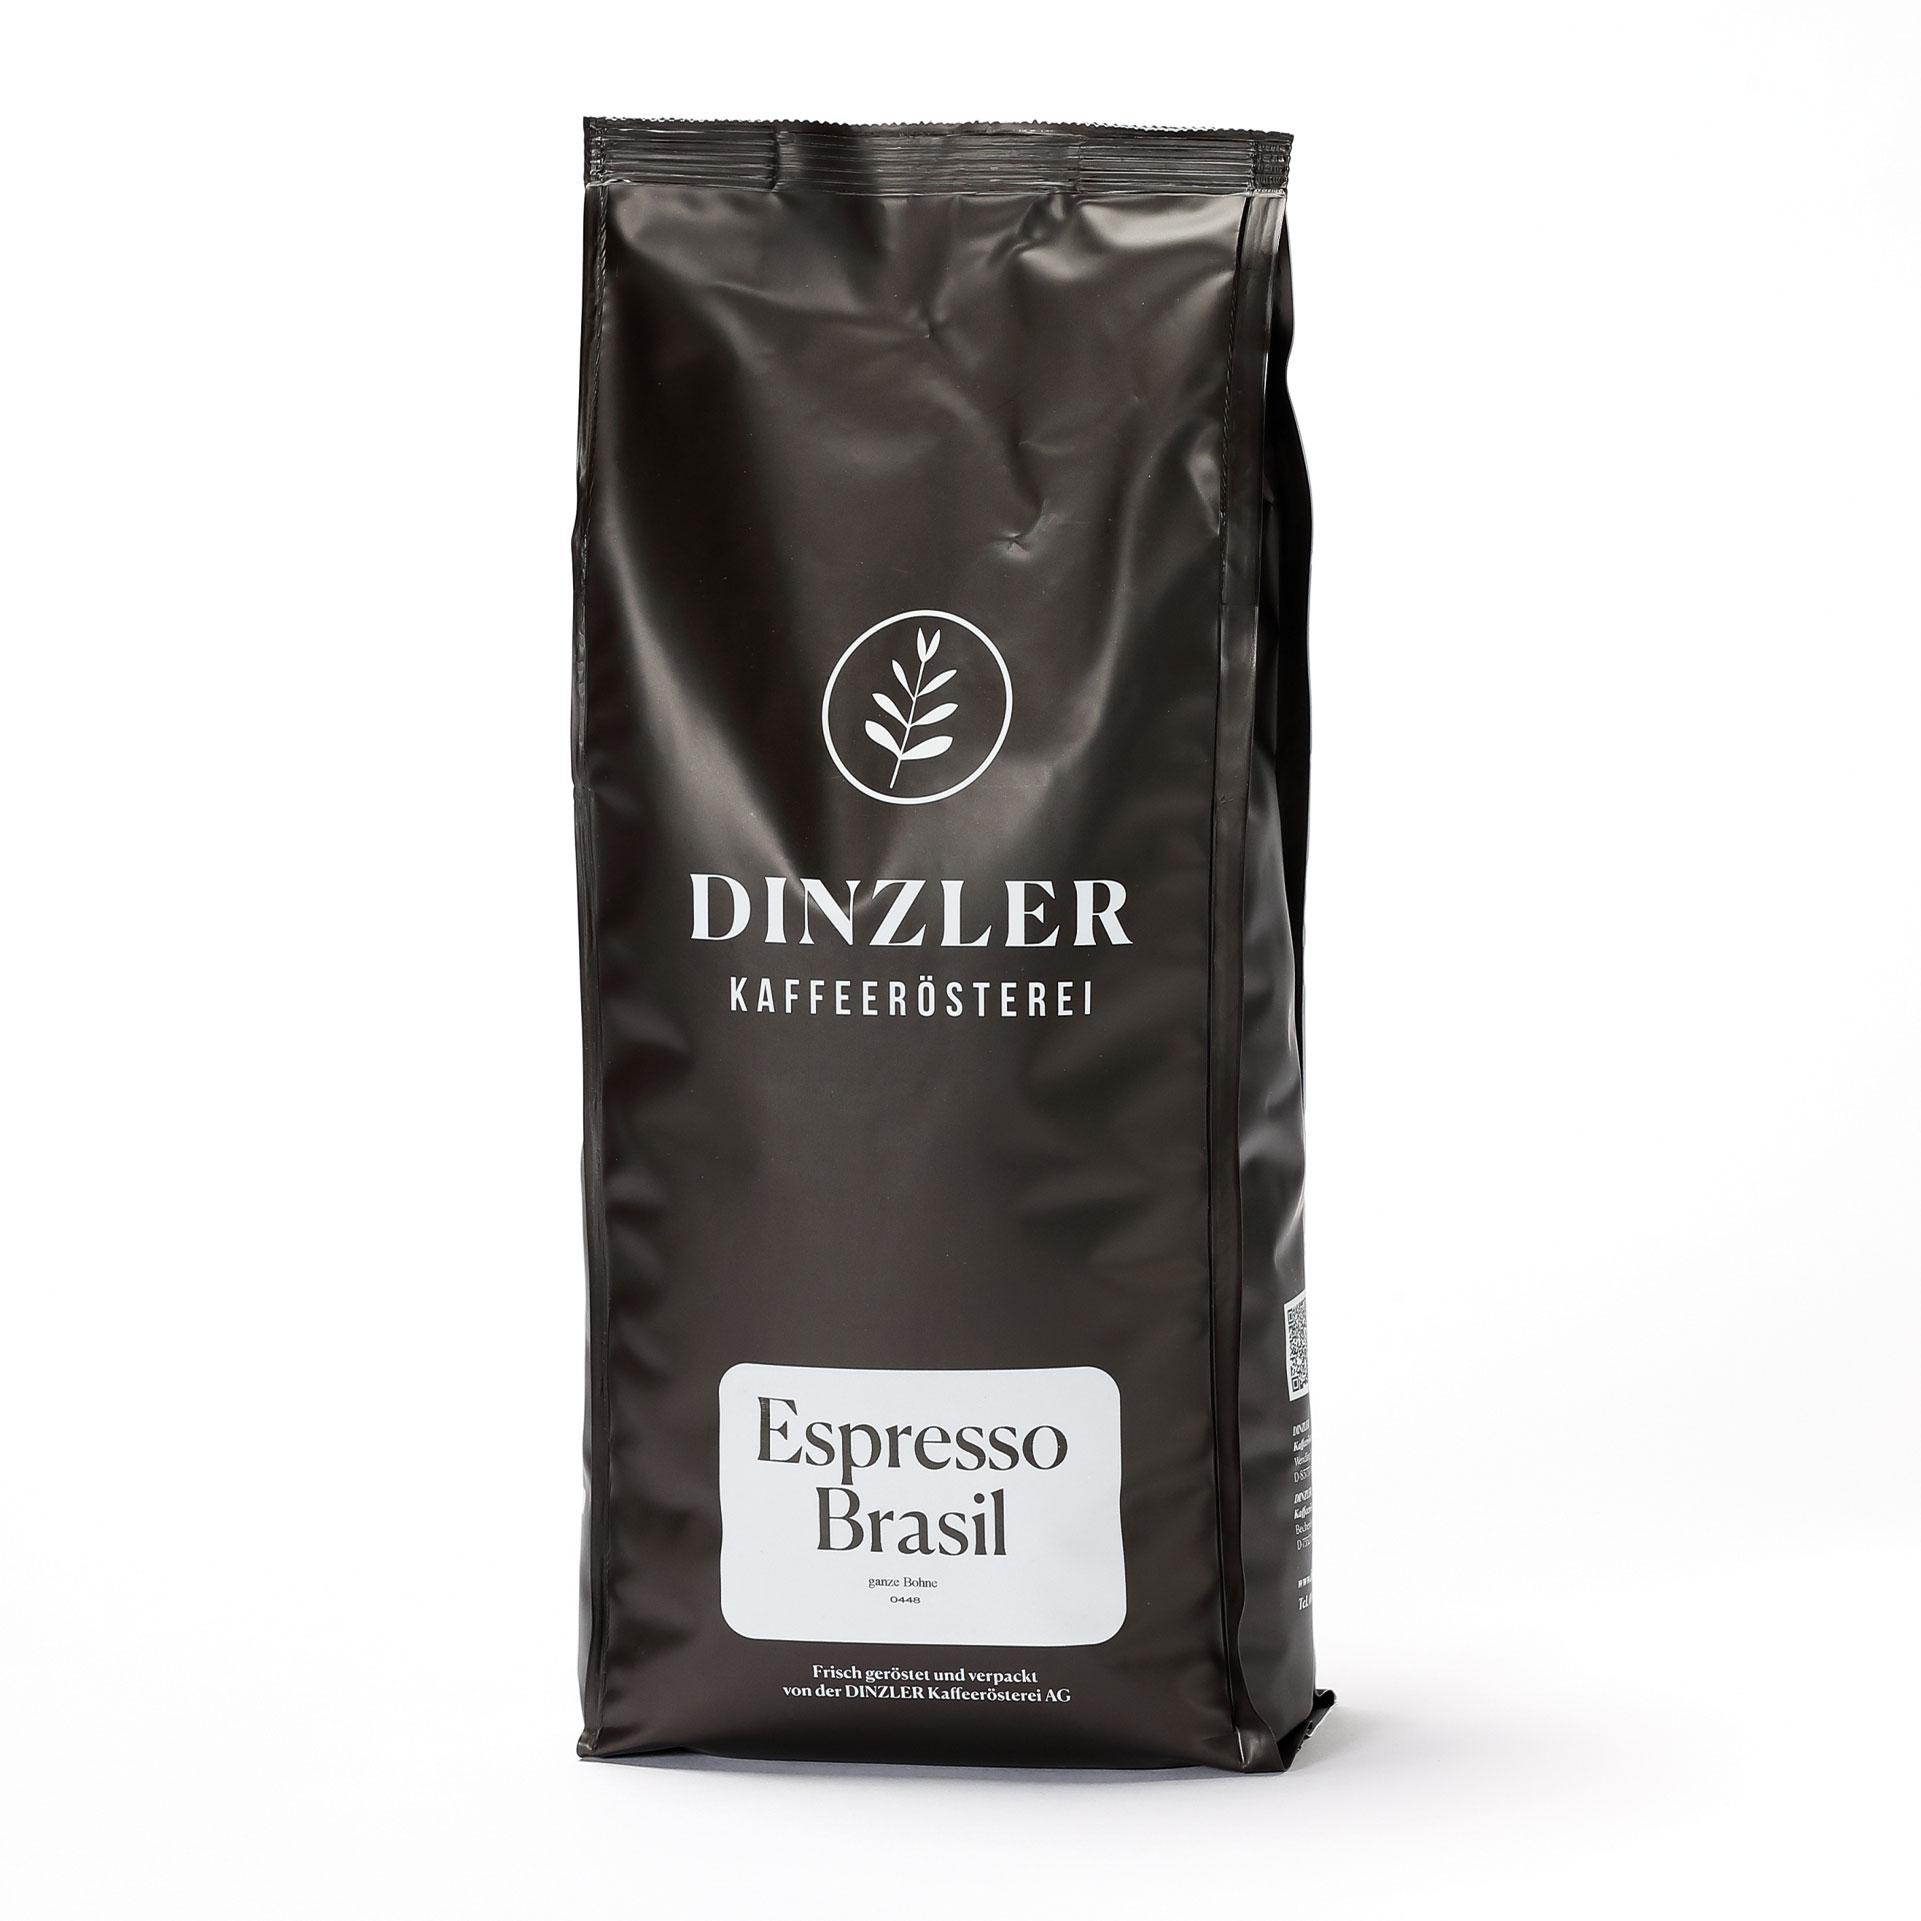 DINZLER Espresso Brasil